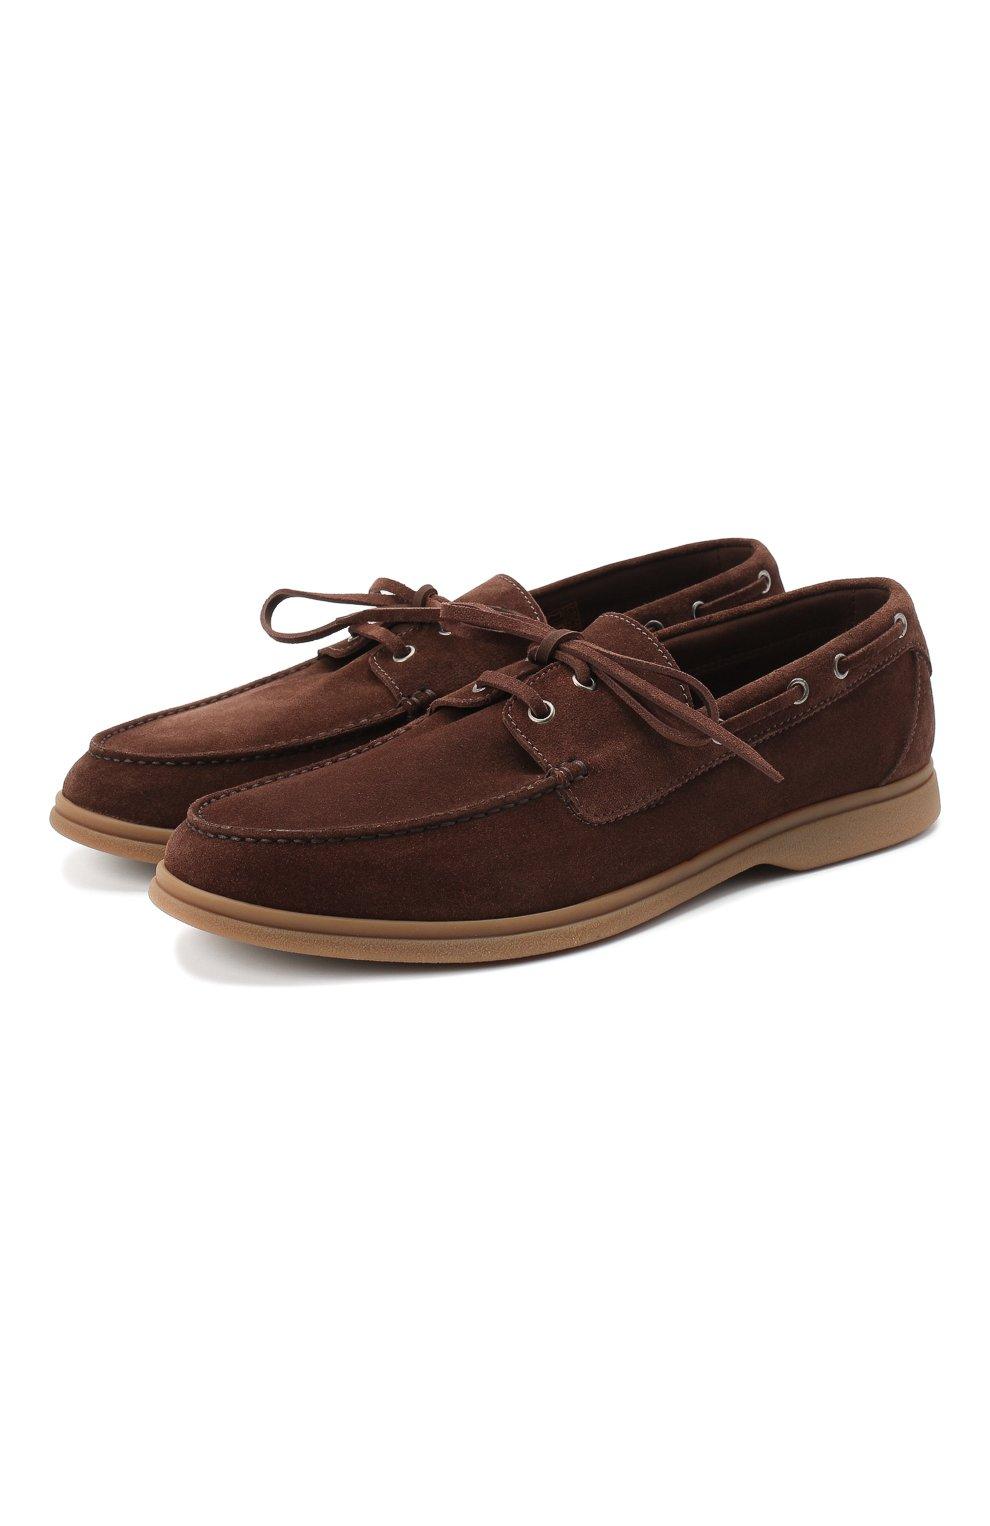 Мужские замшевые топсайдеры BRUNELLO CUCINELLI коричневого цвета, арт. MZUC0BB943 | Фото 1 (Мужское Кросс-КТ: Топсайдеры-обувь; Материал внутренний: Натуральная кожа; Материал внешний: Замша; Стили: Кэжуэл)